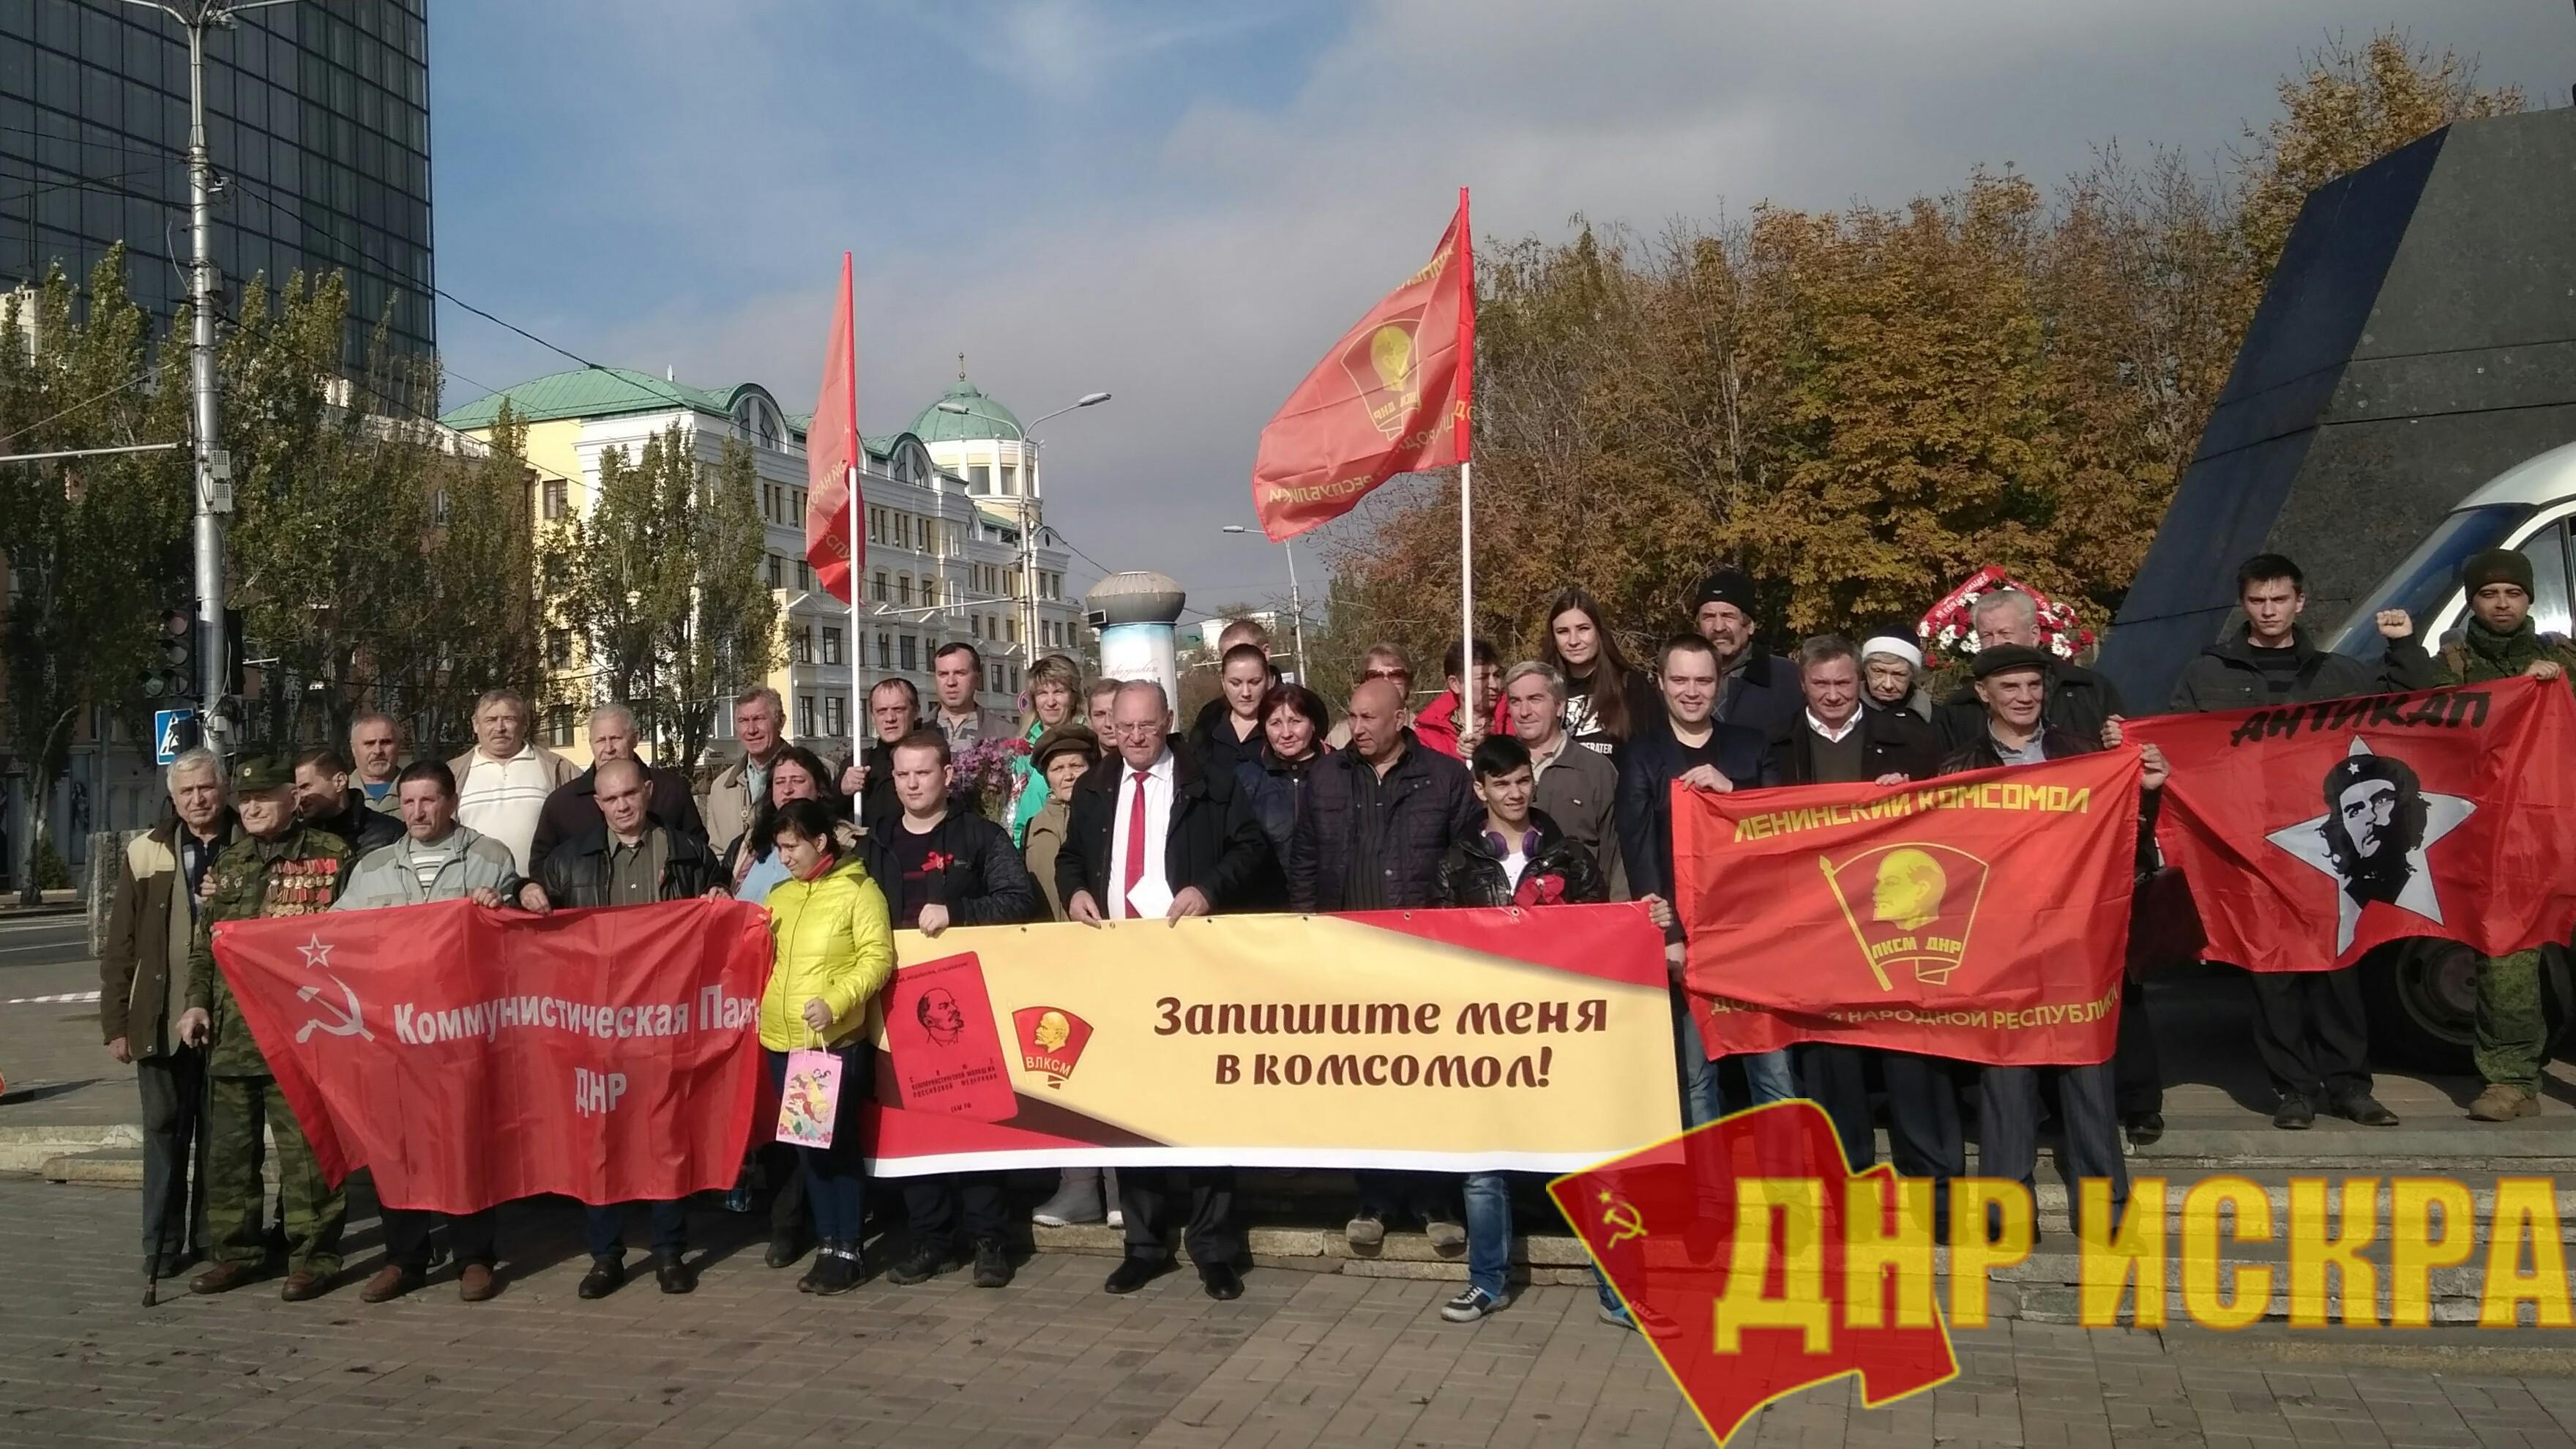 В Донецке прошел торжественный митинг по случаю столетия Комсомола